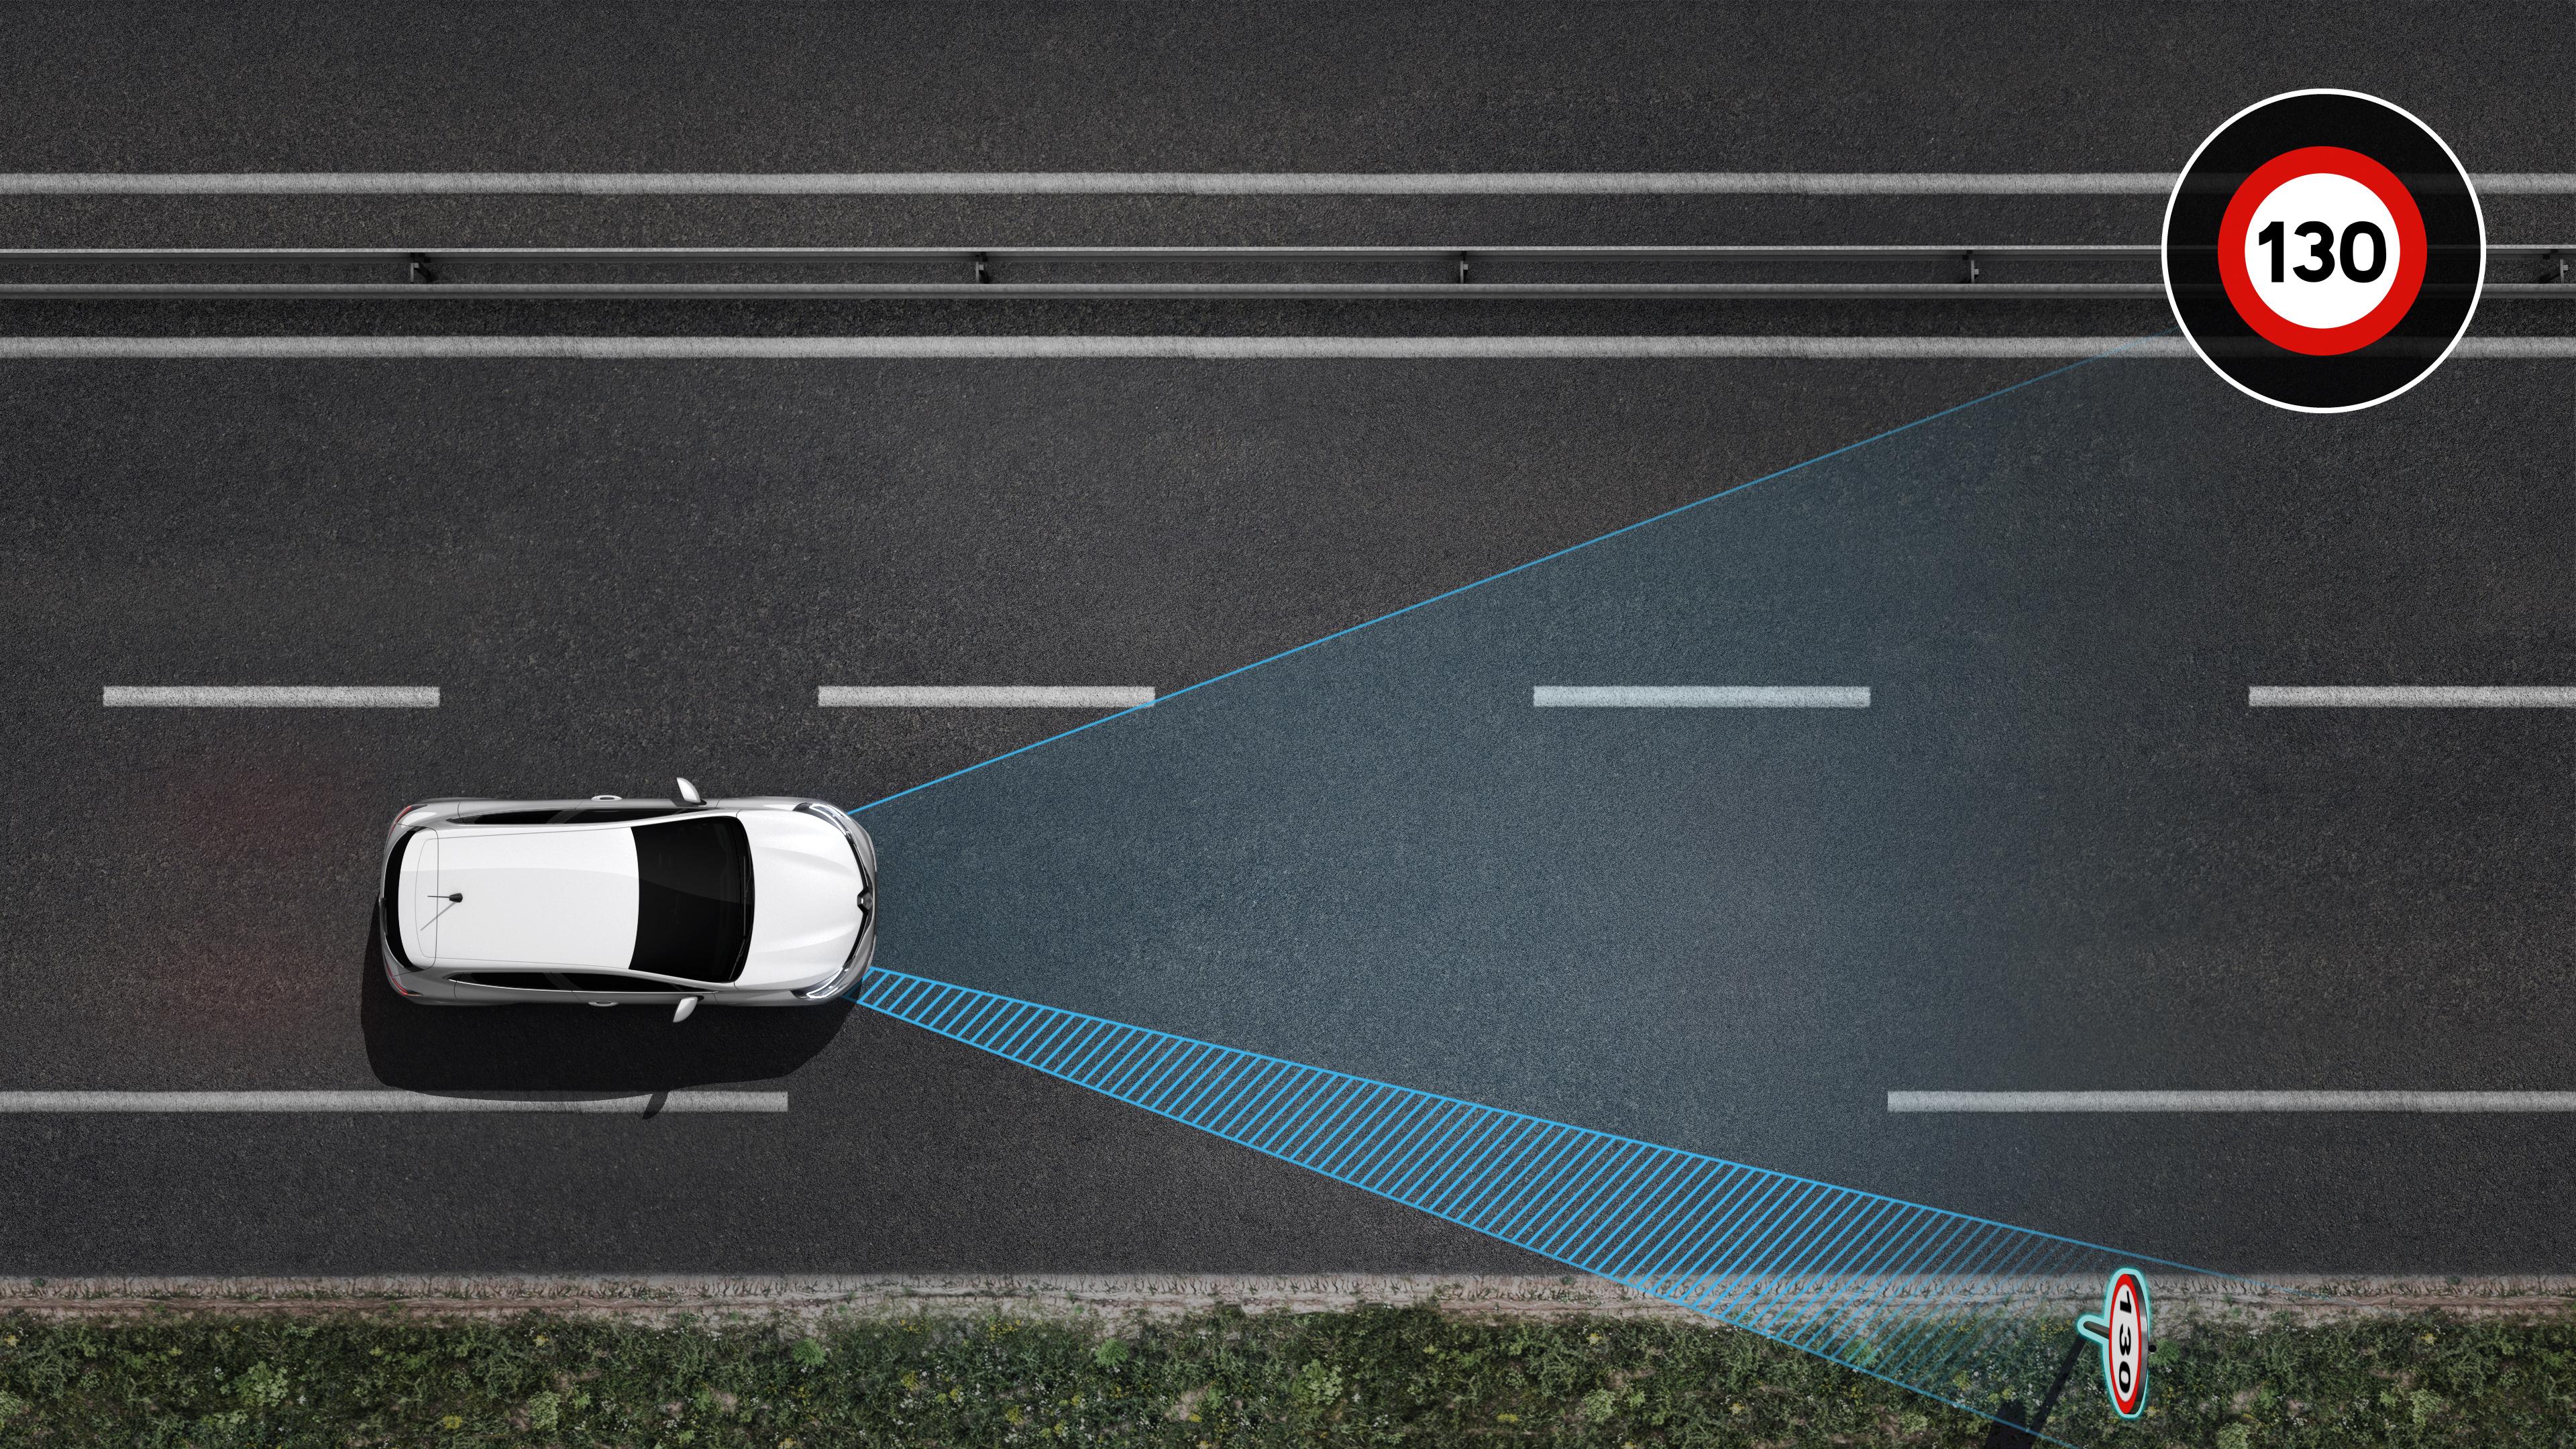 Alerta de excesso de velocidade com reconhecimento dos sinais de trânsito